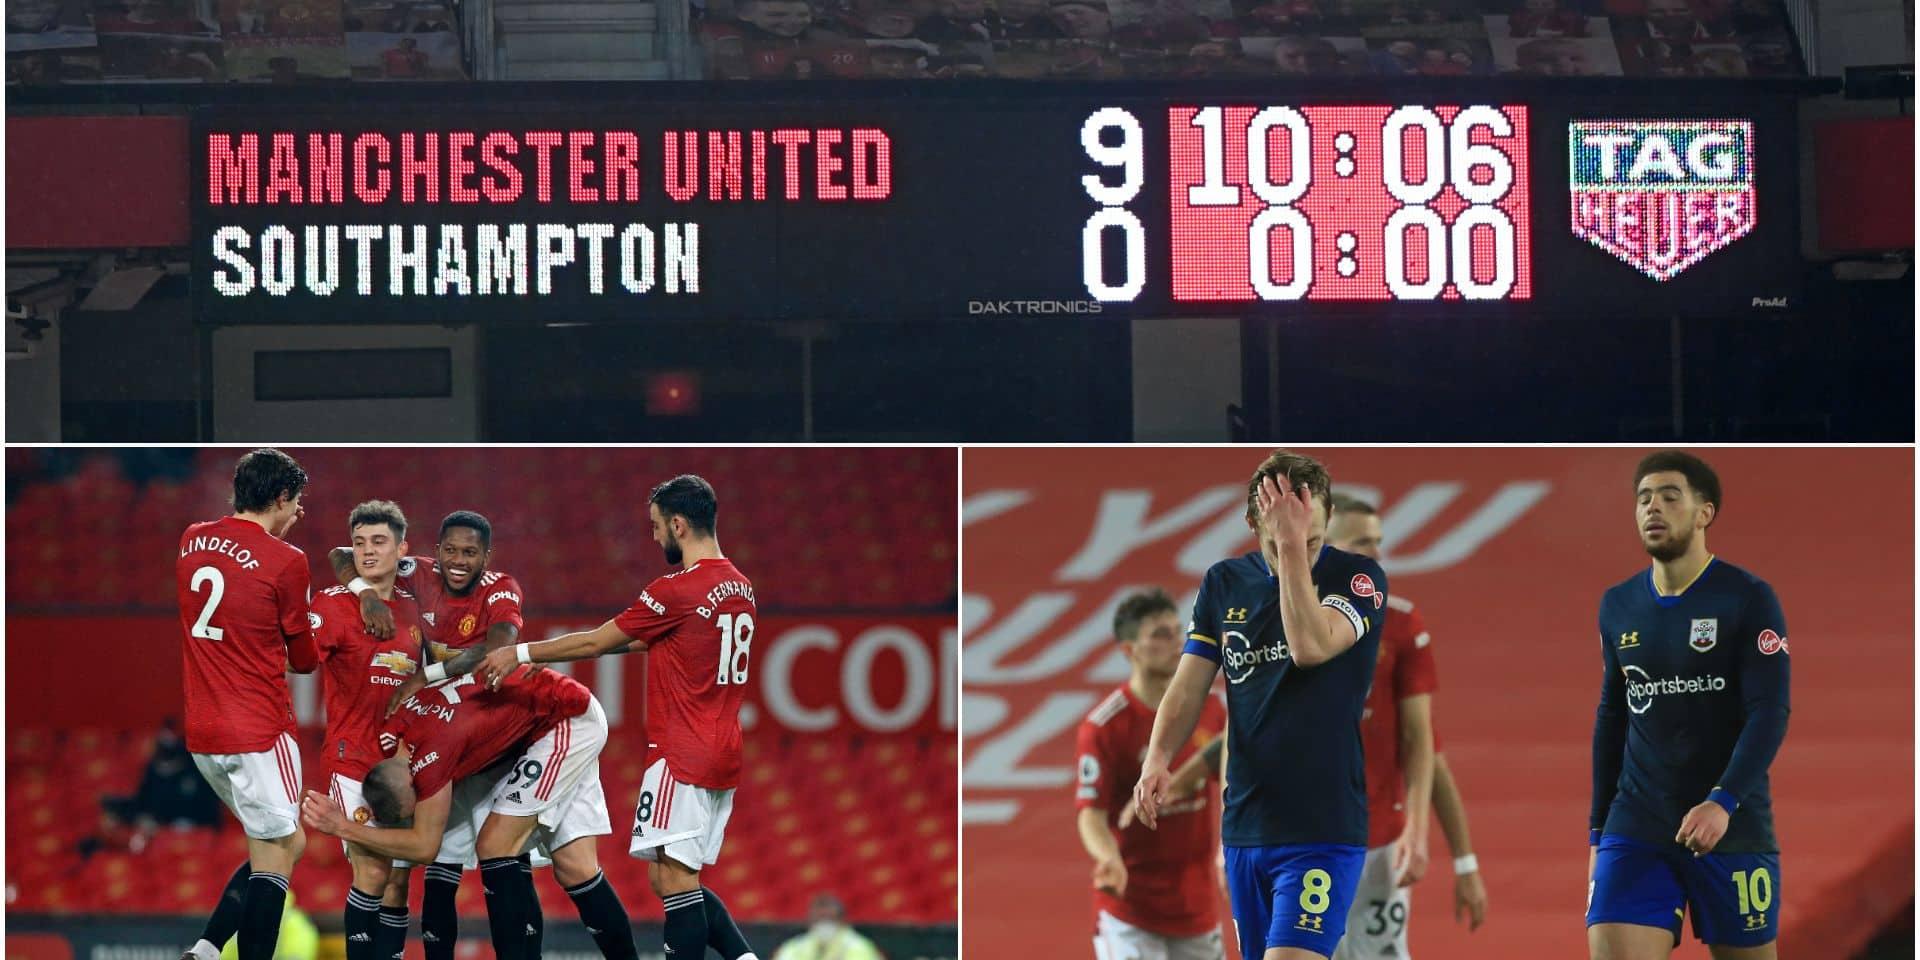 Les chiffres fous de l'incroyable carton de Manchester United contre Southampton